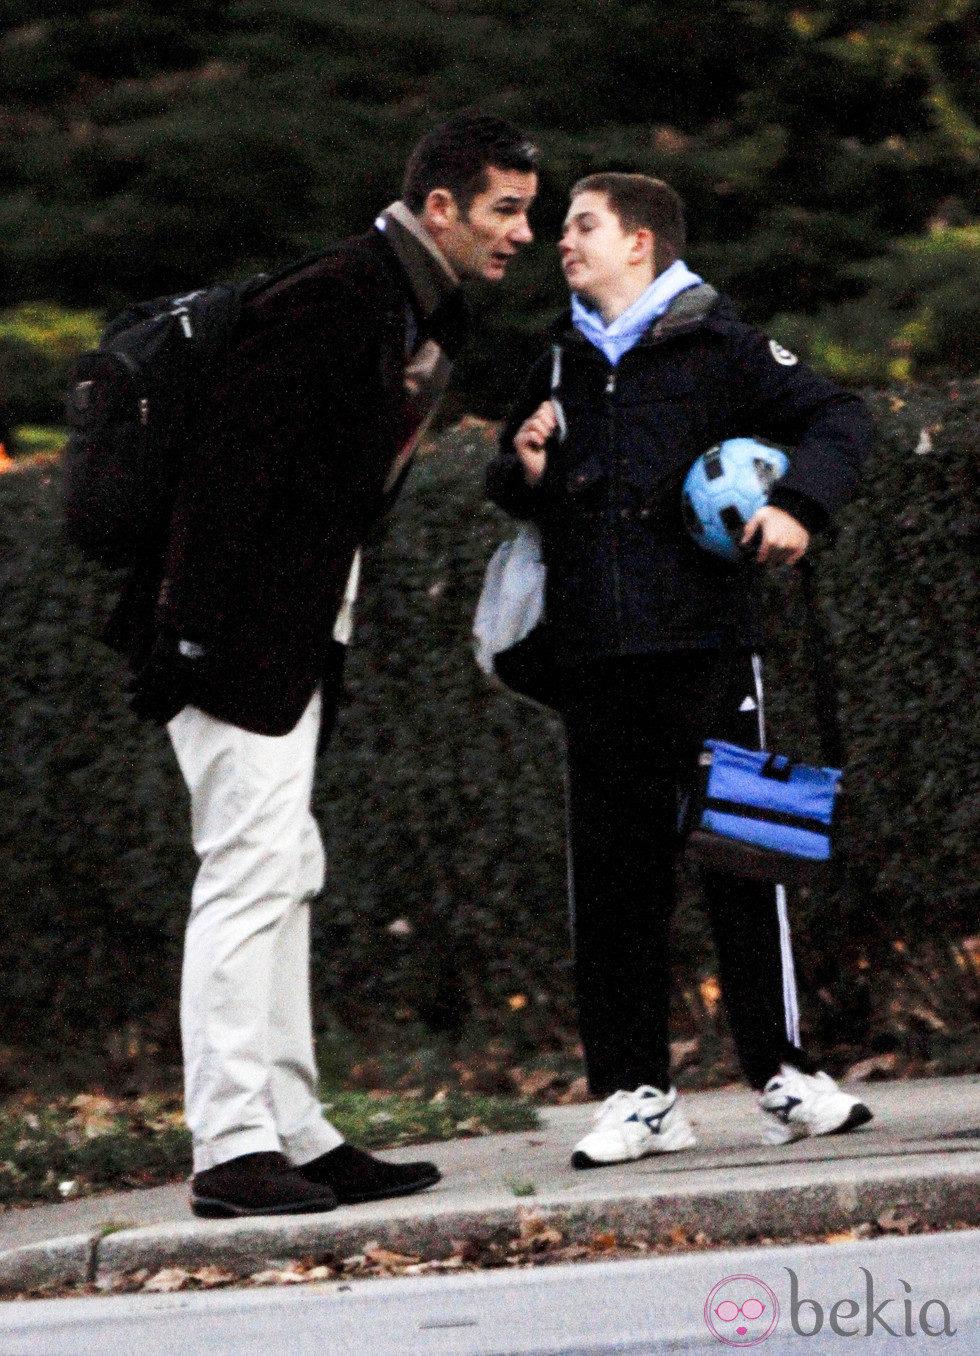 Iñaki Urdangarín acompaña a su hijo Juan a la ruta del colegio